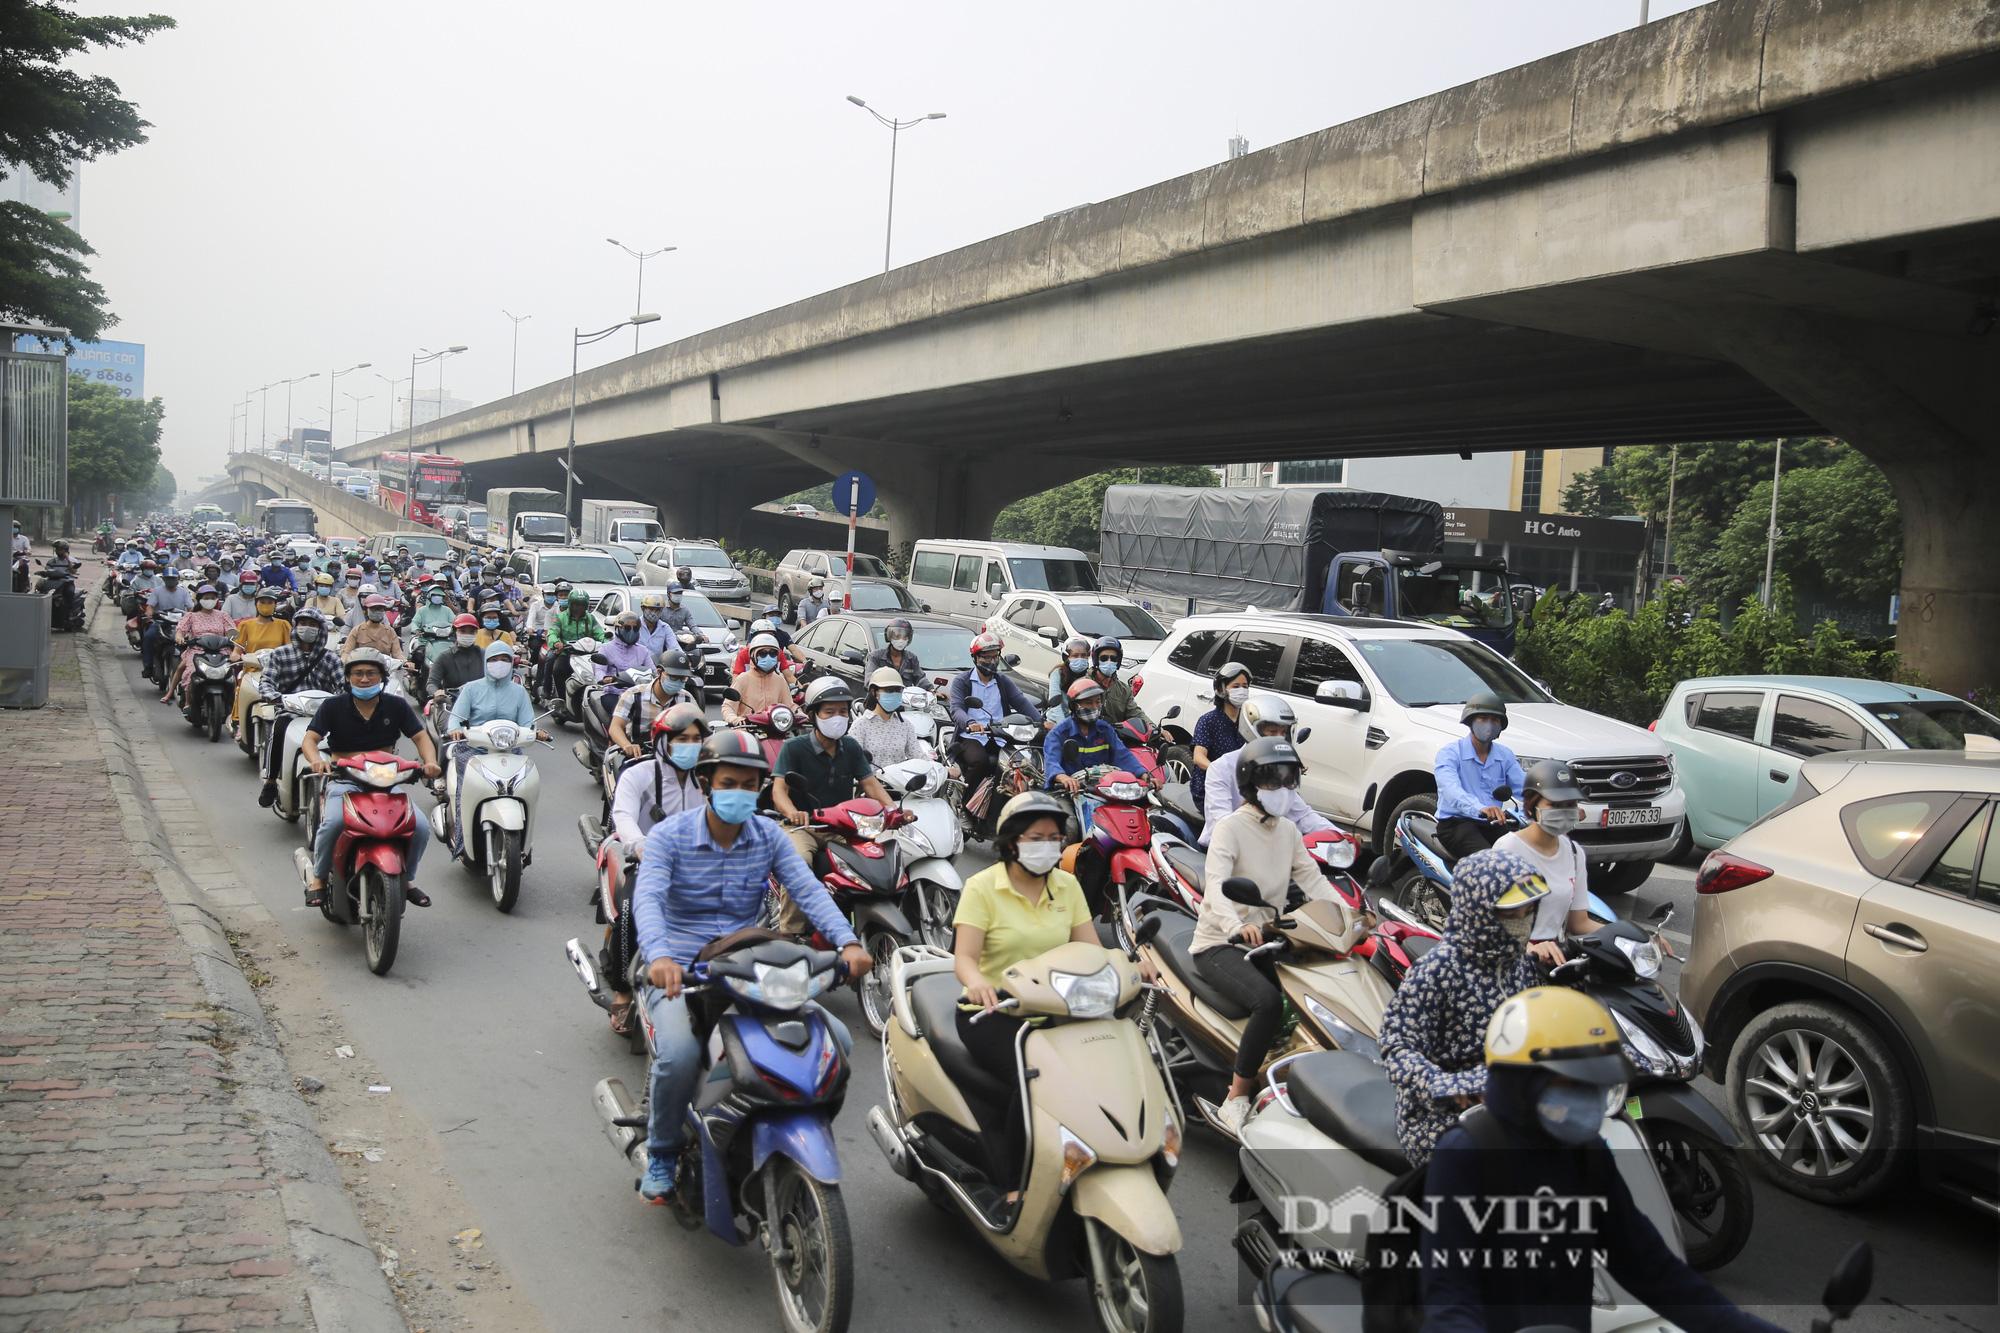 Cập nhật tình hình giao thông tại các cửa ngõ vào nội thành Hà Nội sau nghỉ lễ 2/9 - Ảnh 7.